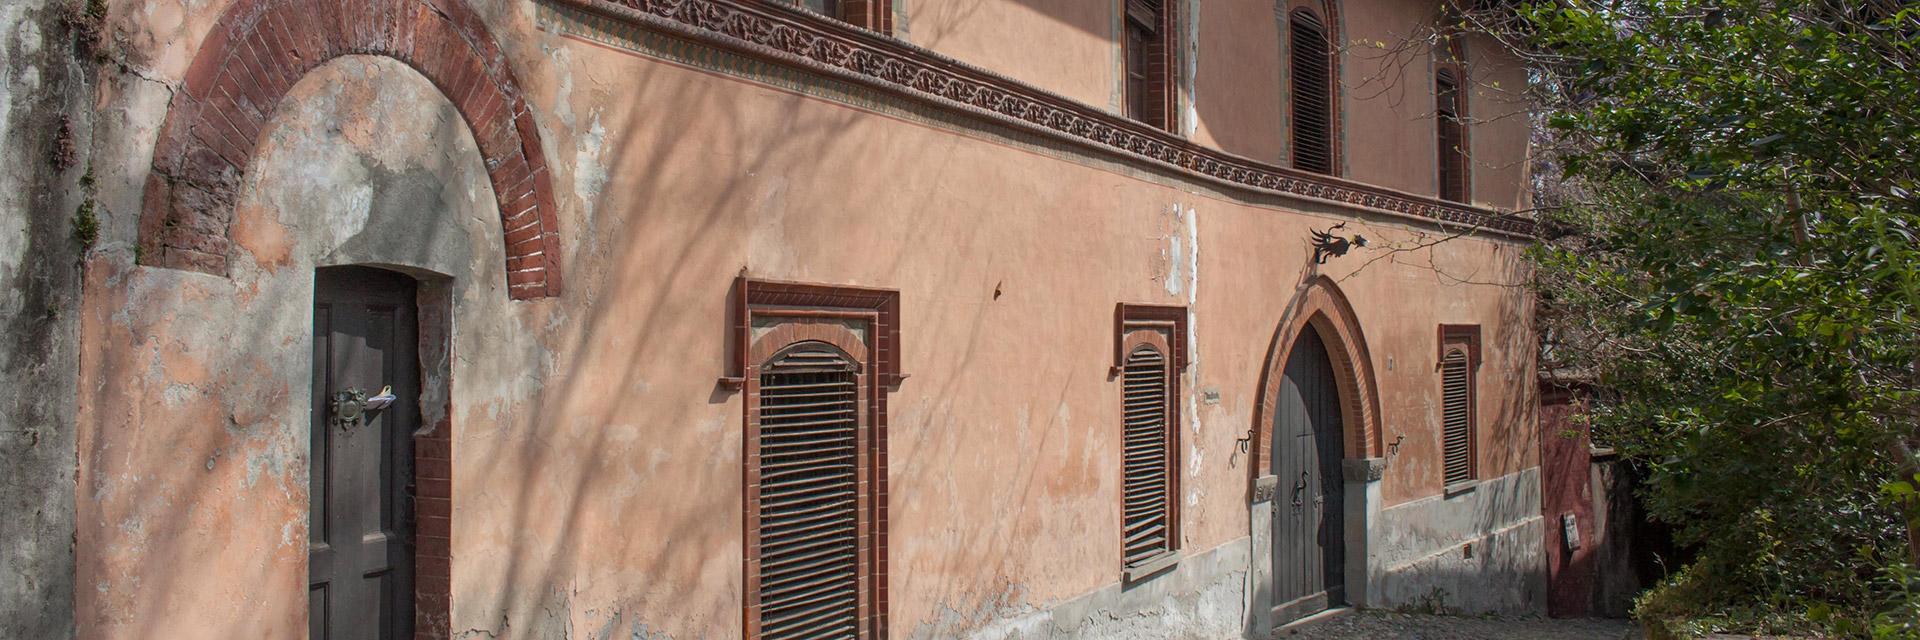 La facciata di Casa Cantamerlo ad Avigliana